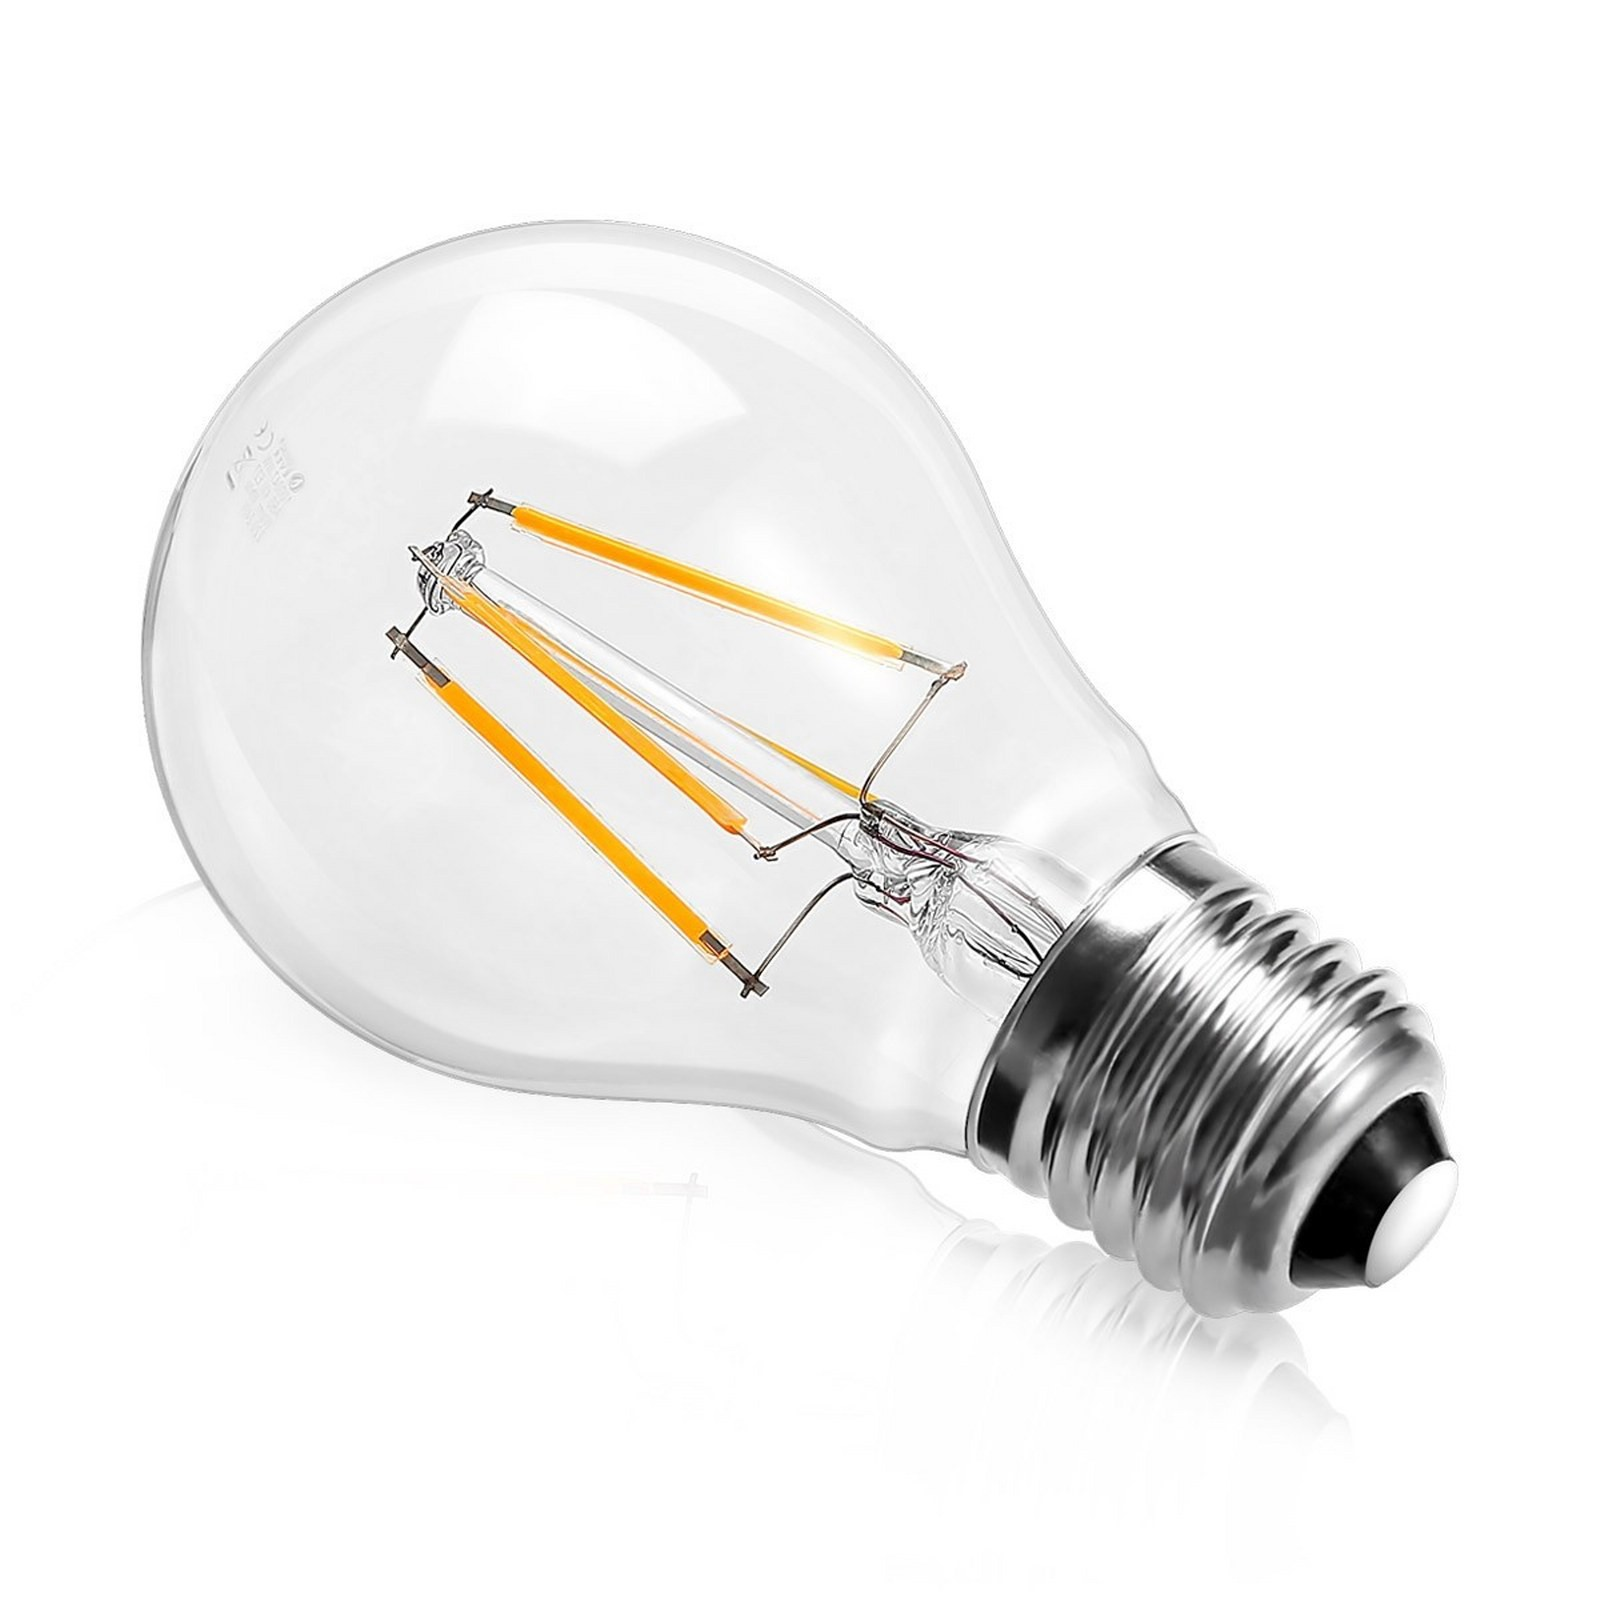 Lampada led lampadina filamento attacco e27 light a globo for Lampadine led 5 watt